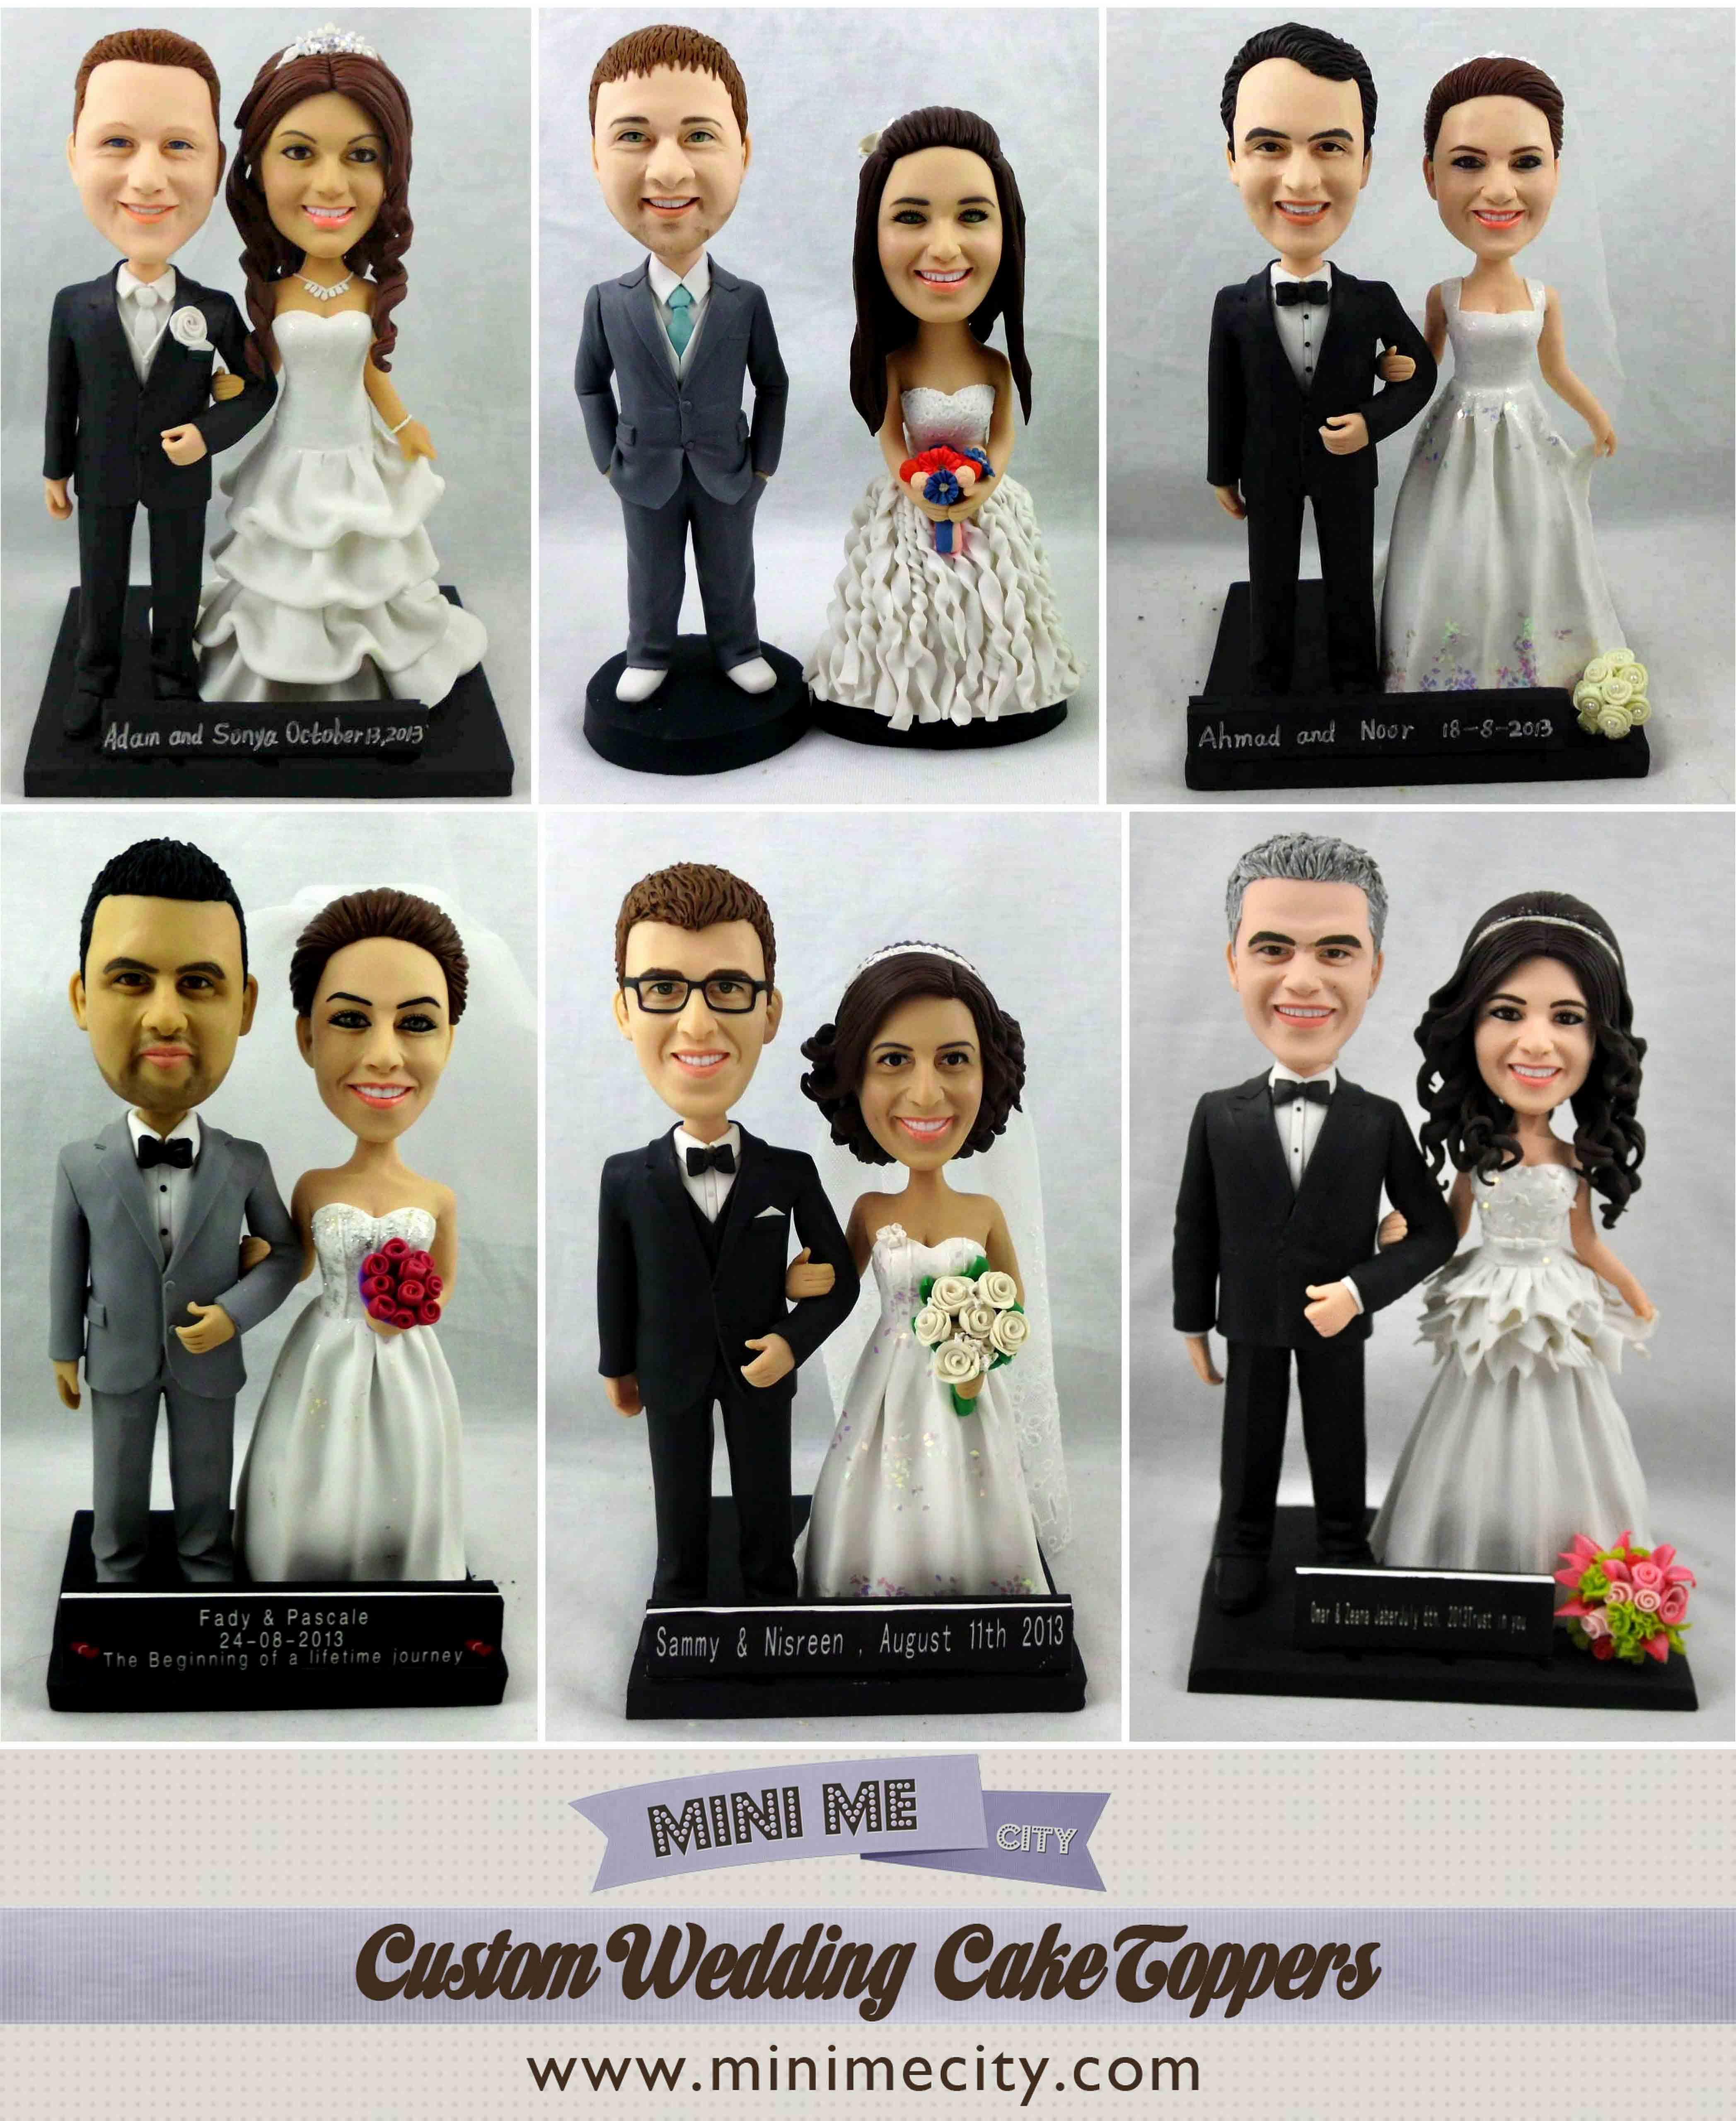 Muñecos con la cara de los novios para el paste de bodas!